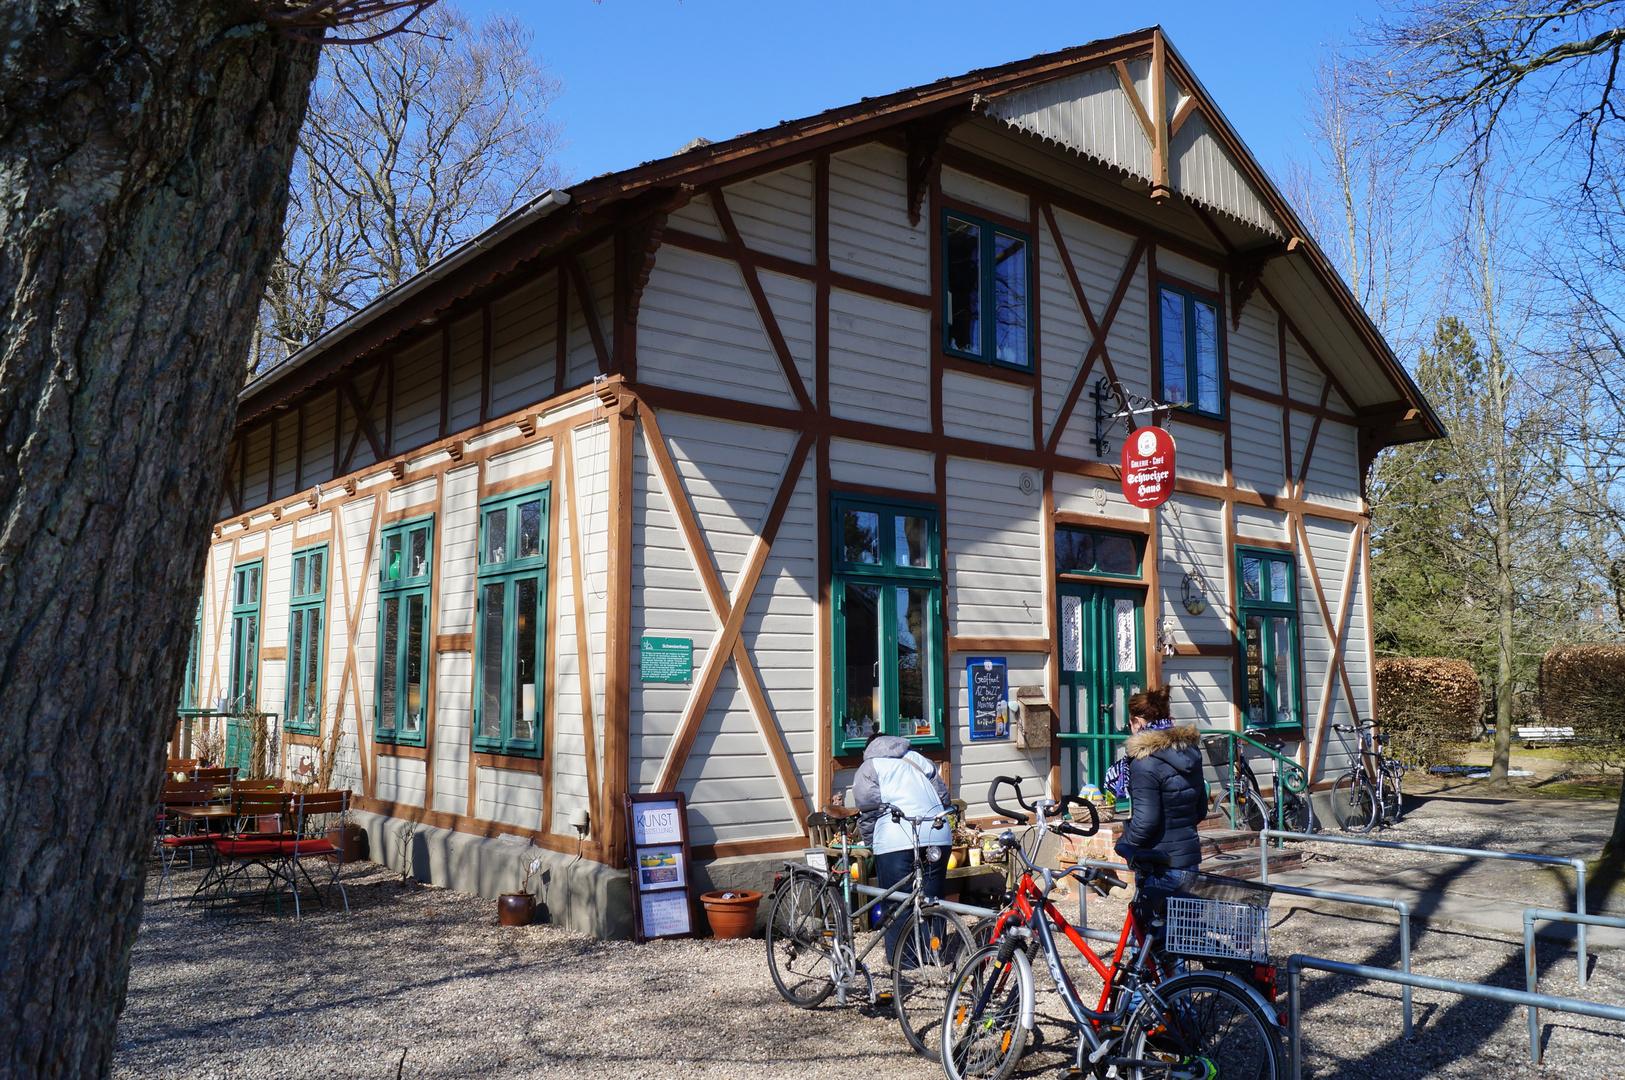 Das Schweizerhaus in Tatingen nähe St. Peter Ording eine gute Adresse für Leute die auf gutem hausge